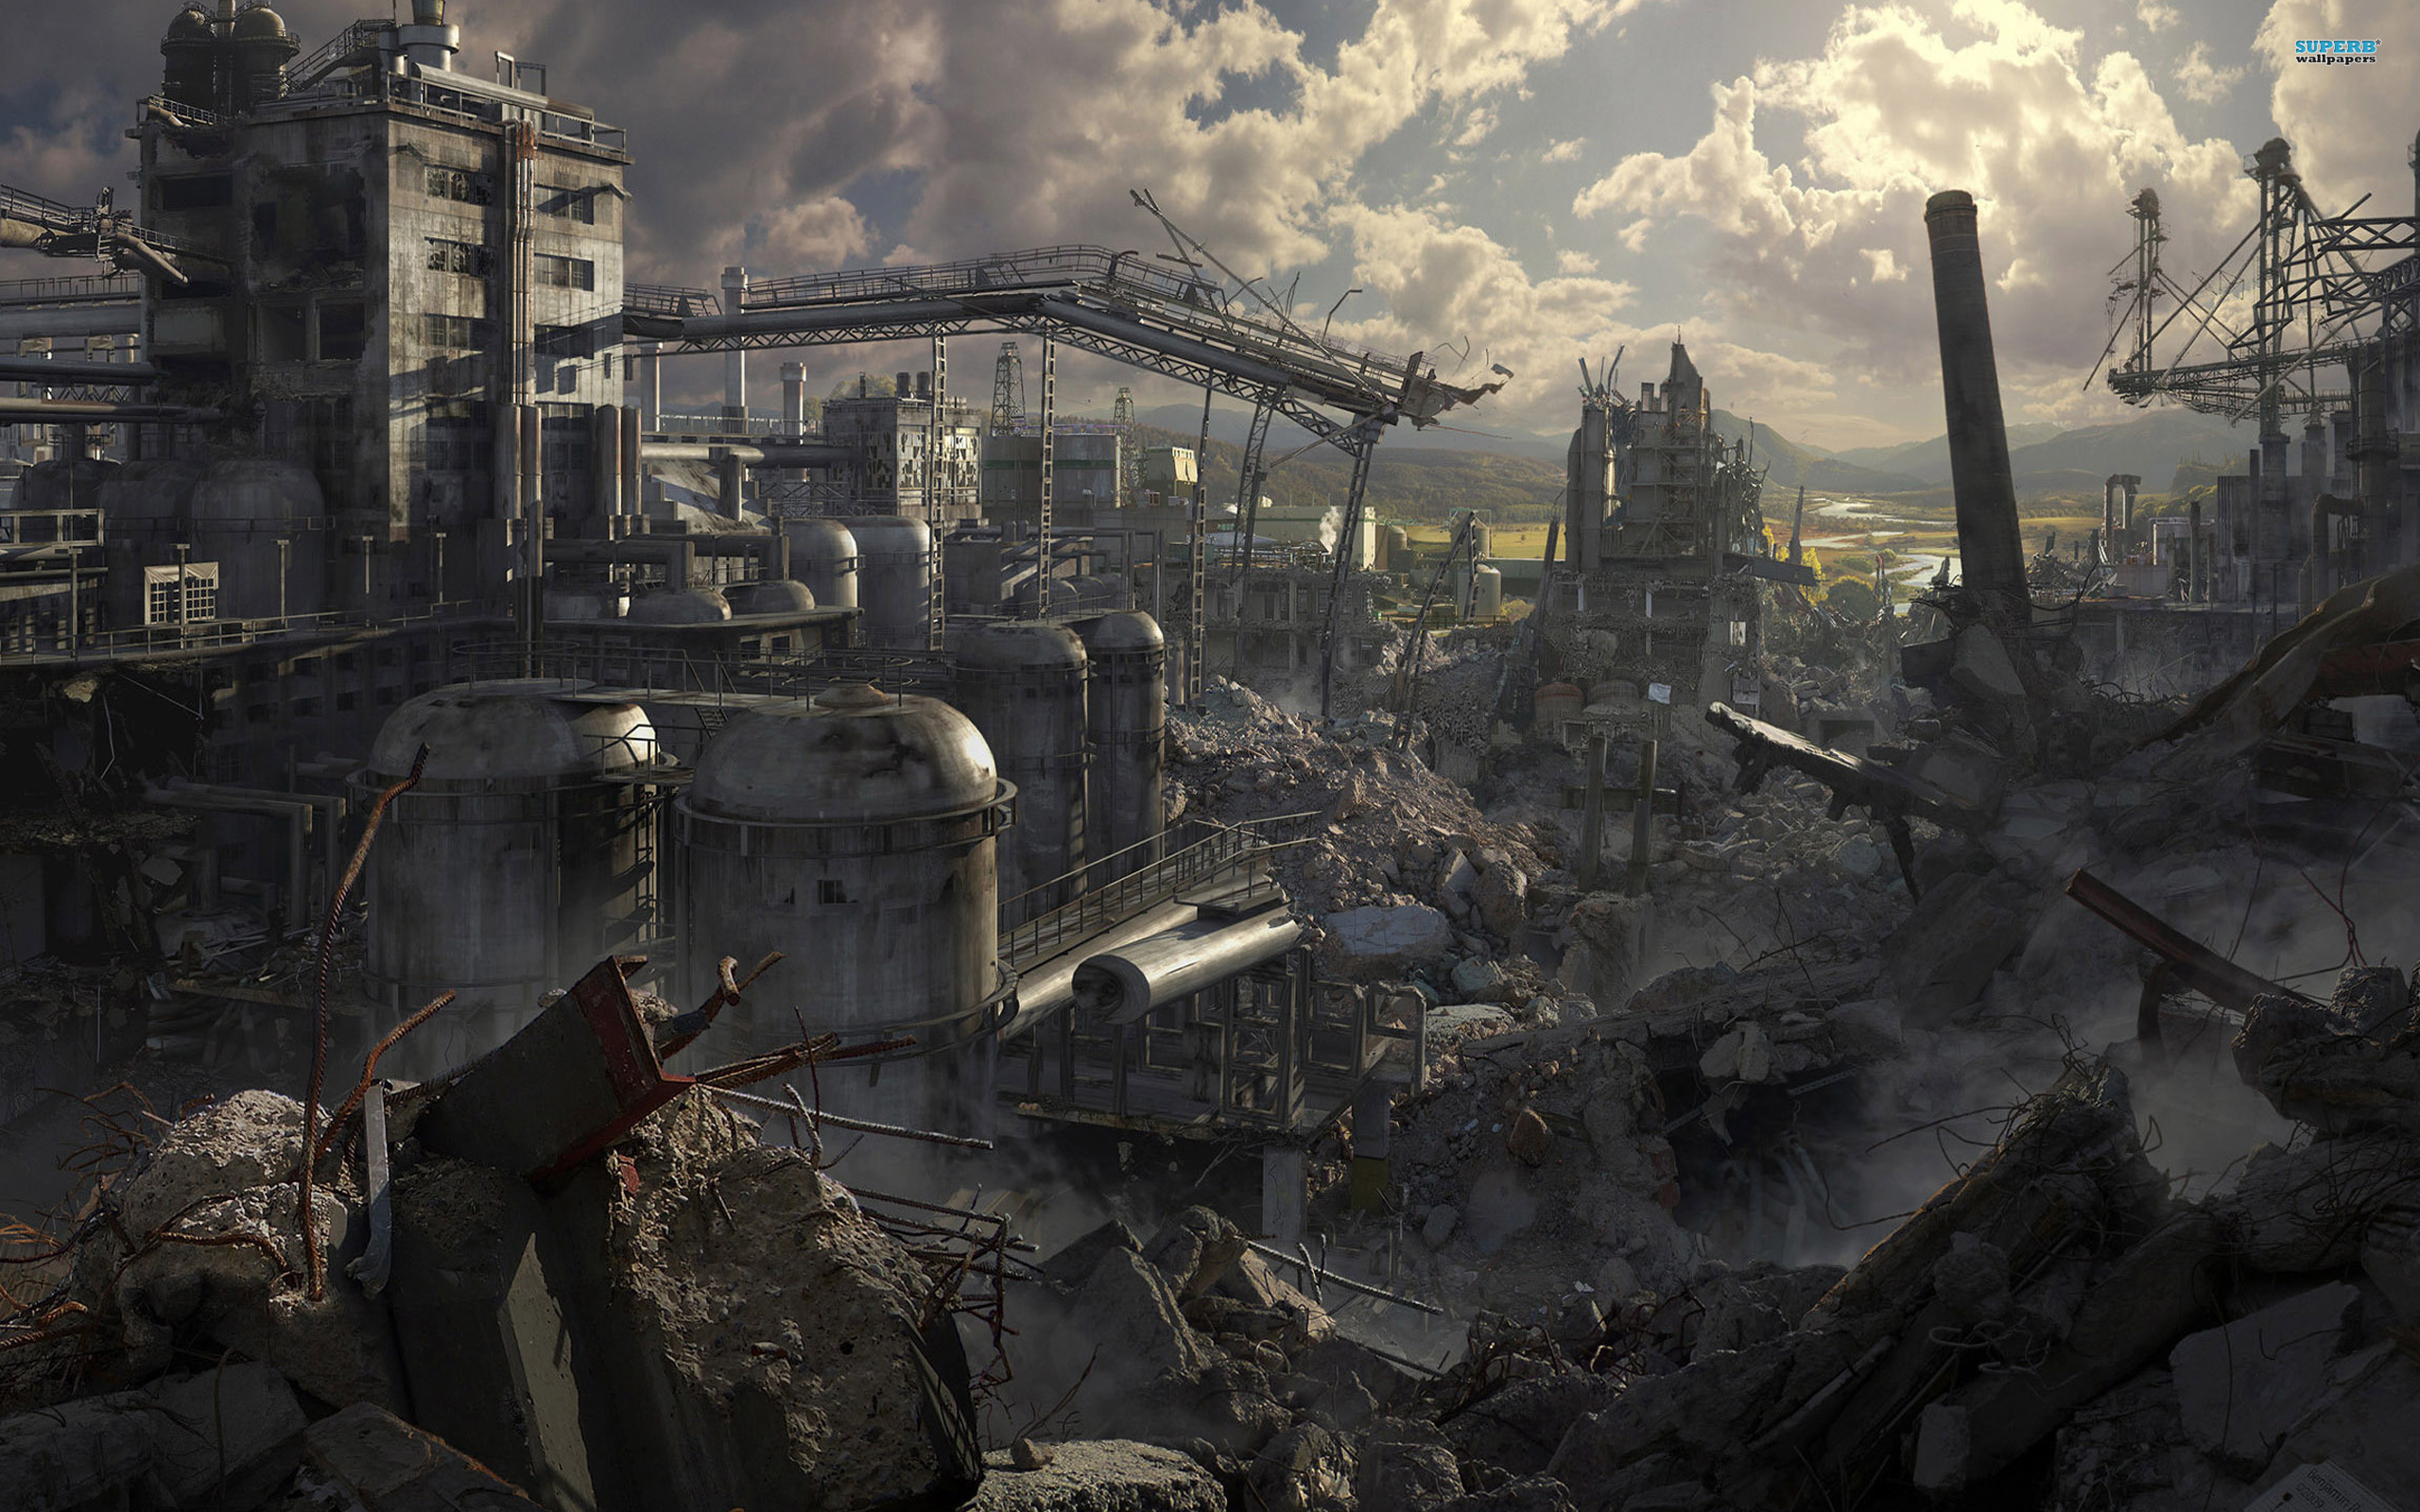 廃墟の世界には喜びは存在しないよ